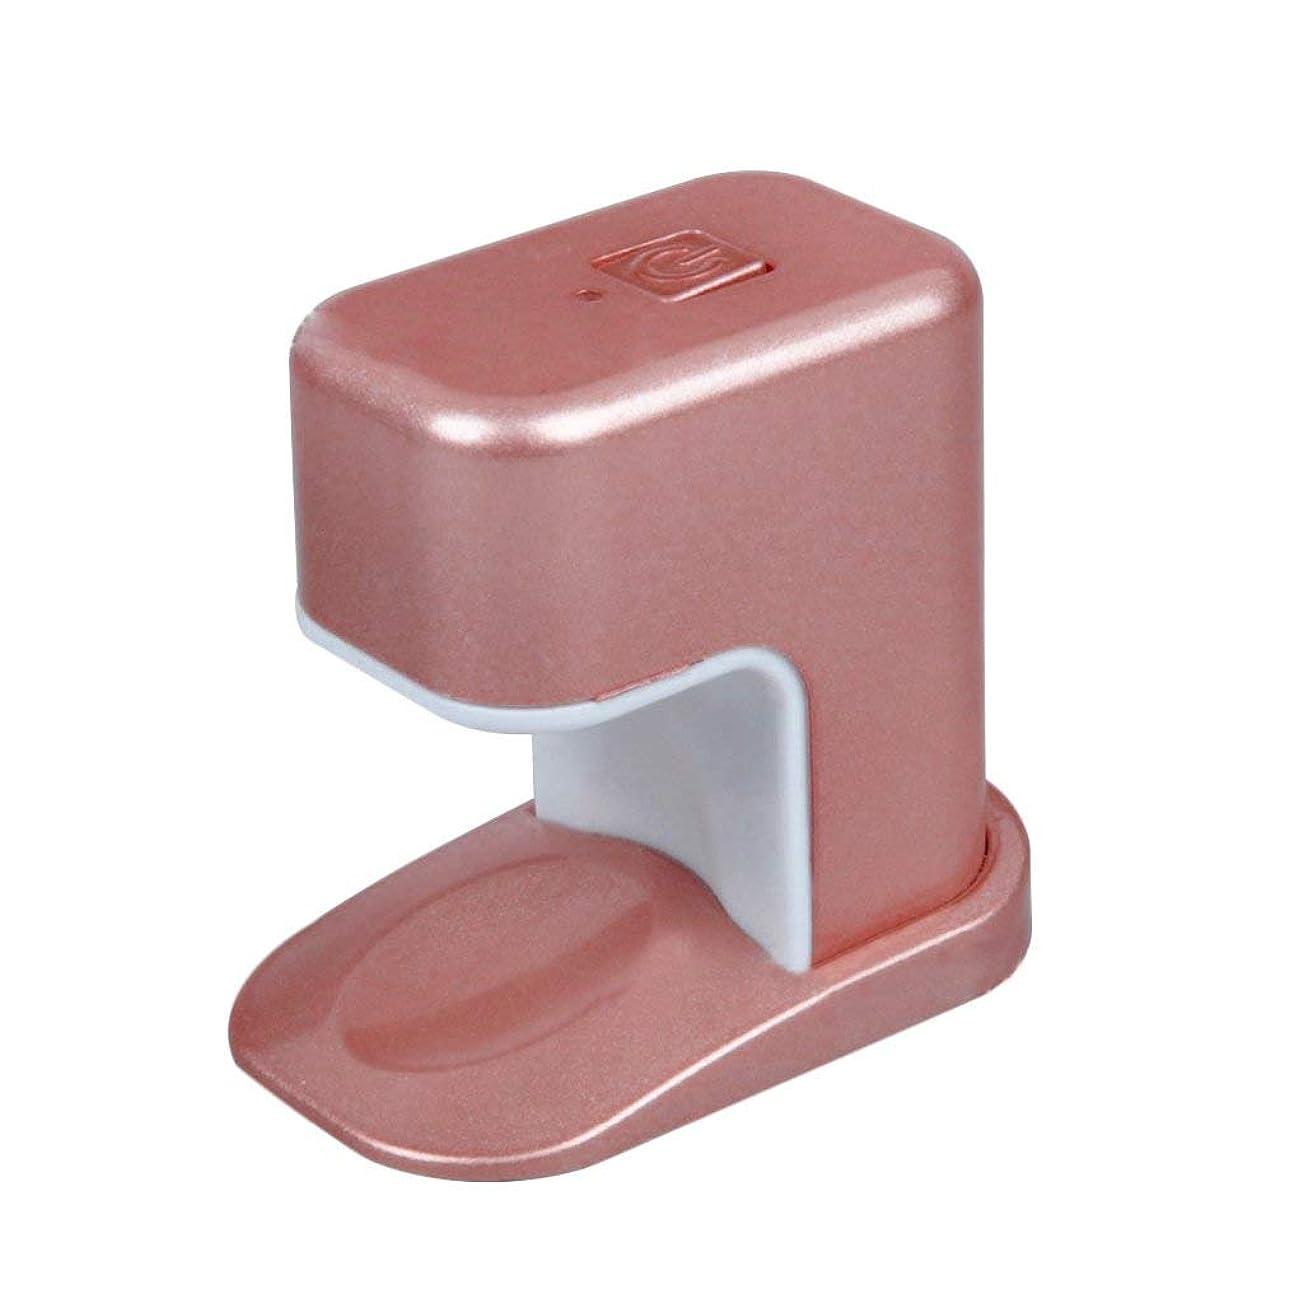 東方スクランブル感情のPaick ネイルドライヤー 3W LED電球 USBケーブル UV マニキュアドライヤー ニポータブル単一指ネイルアートのLED 3色選べ - ピンク